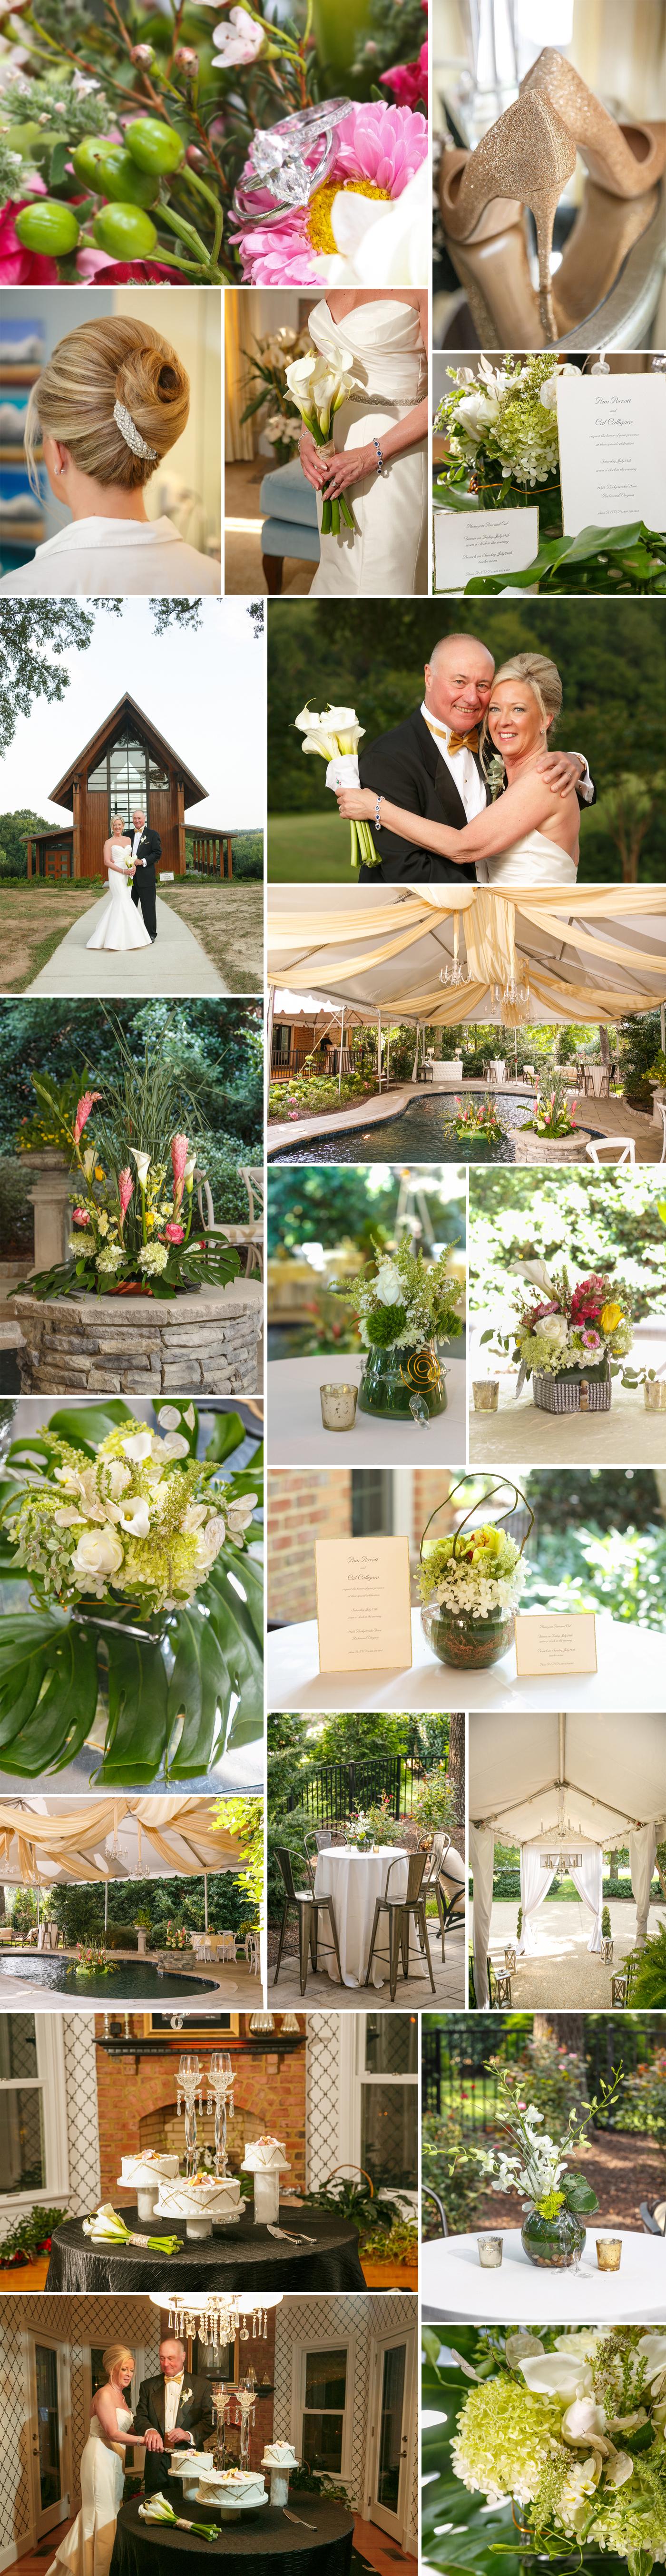 luxury-backyard-wedding